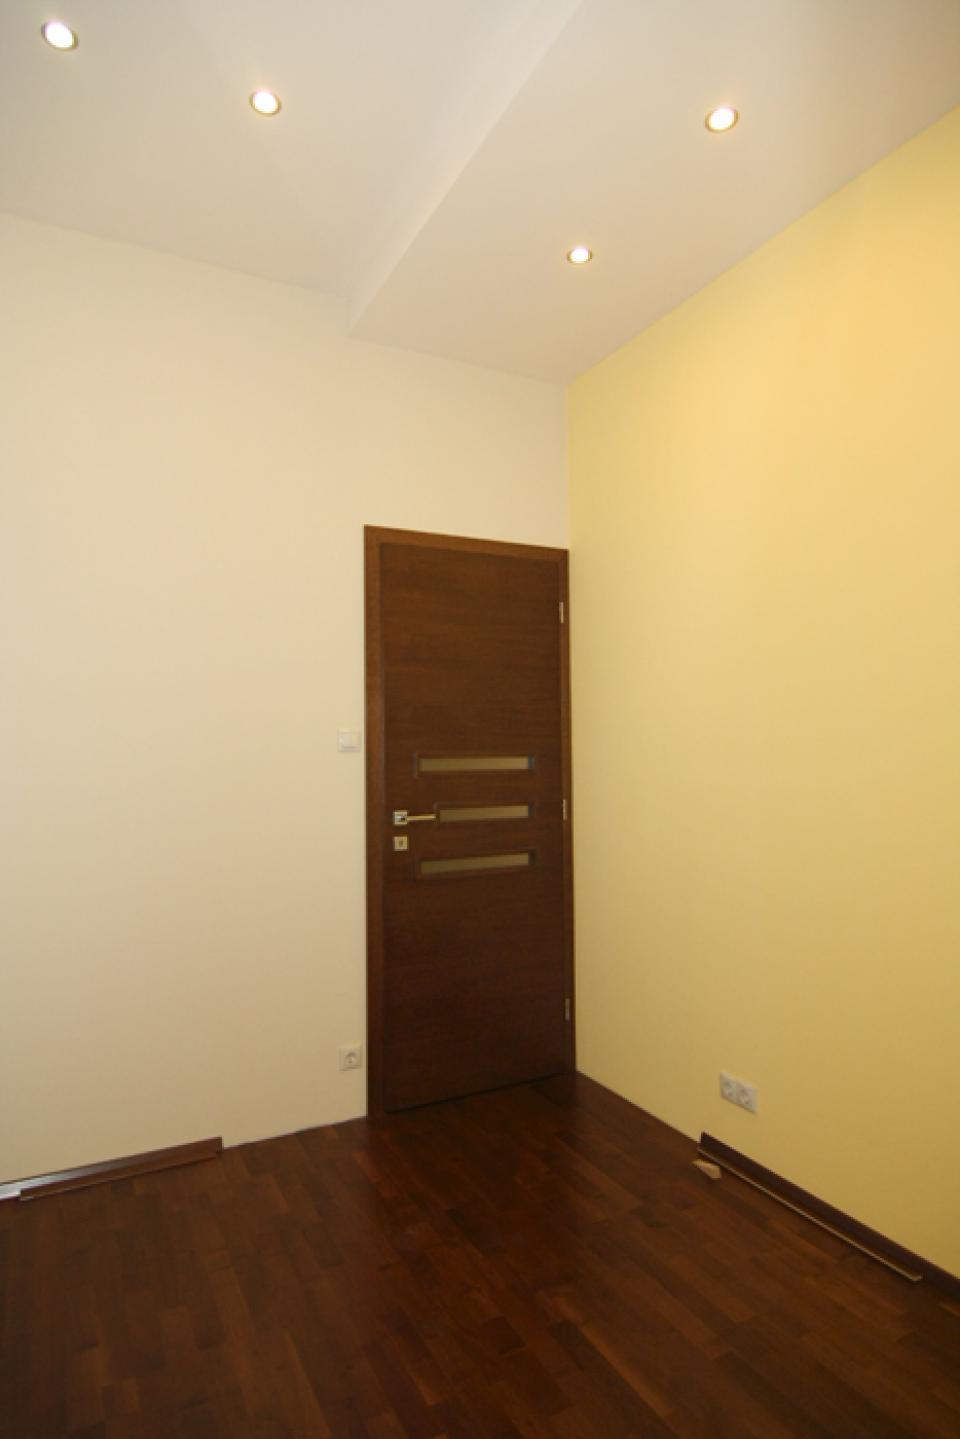 Iwaki ajtó egy Gellért-hegyi lakásban | Referencia - Ajtóház